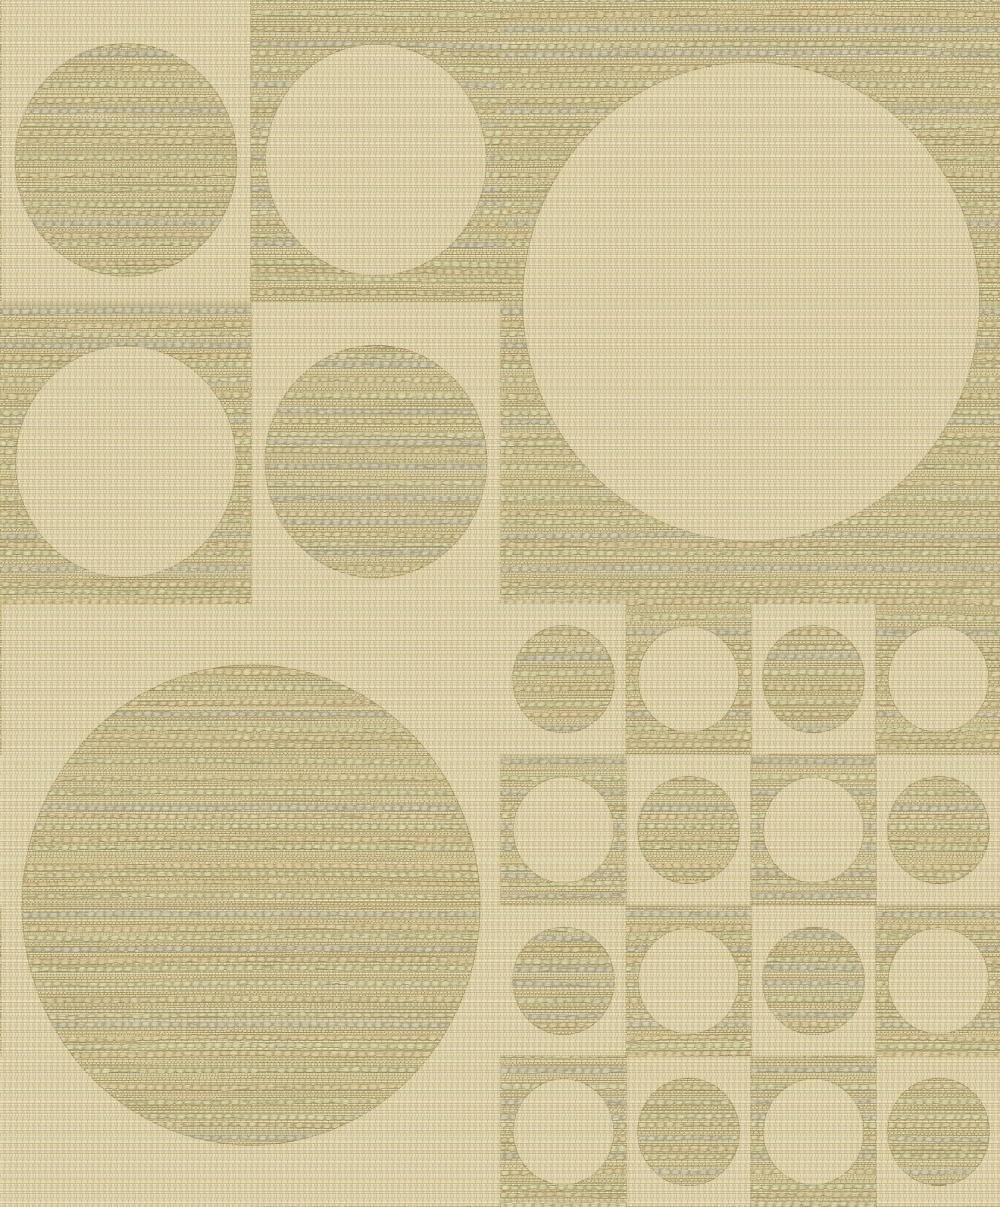 арт. 1073-05